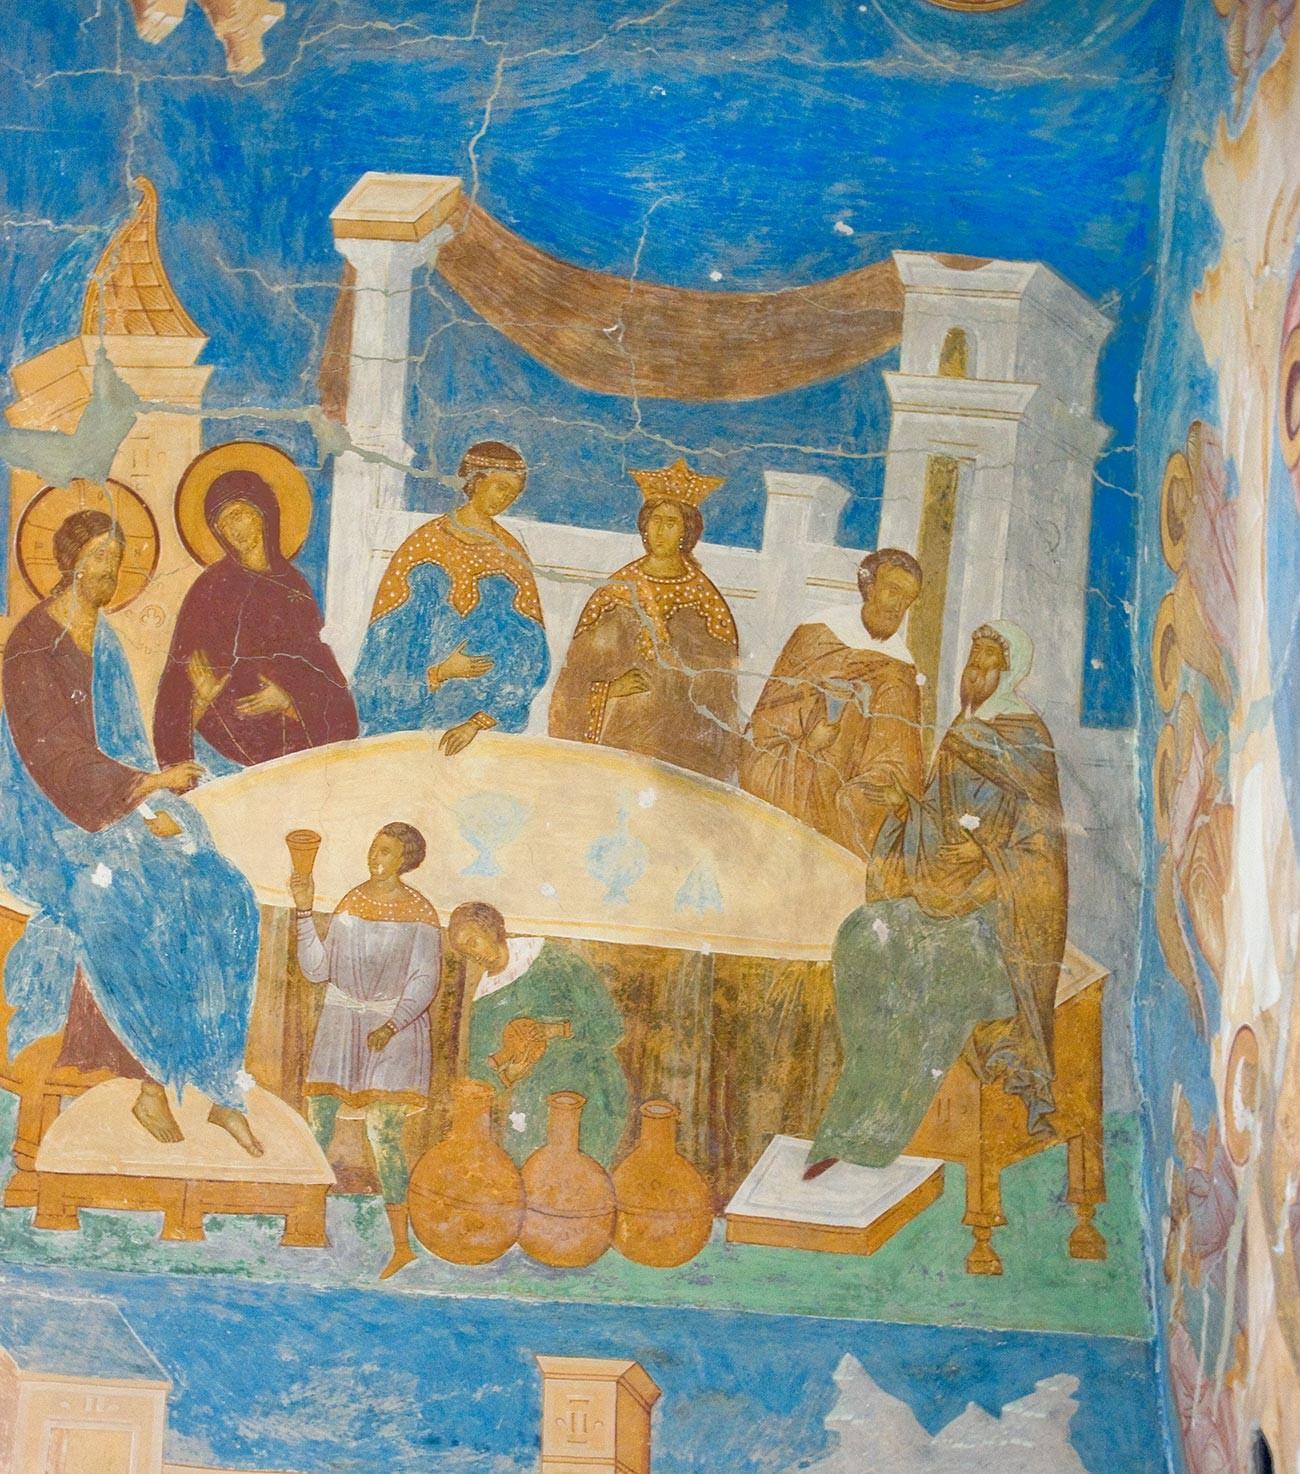 Cathédrale de la Nativité. Mur sud, voûte. Fresque du Christ aux Noces de Cana